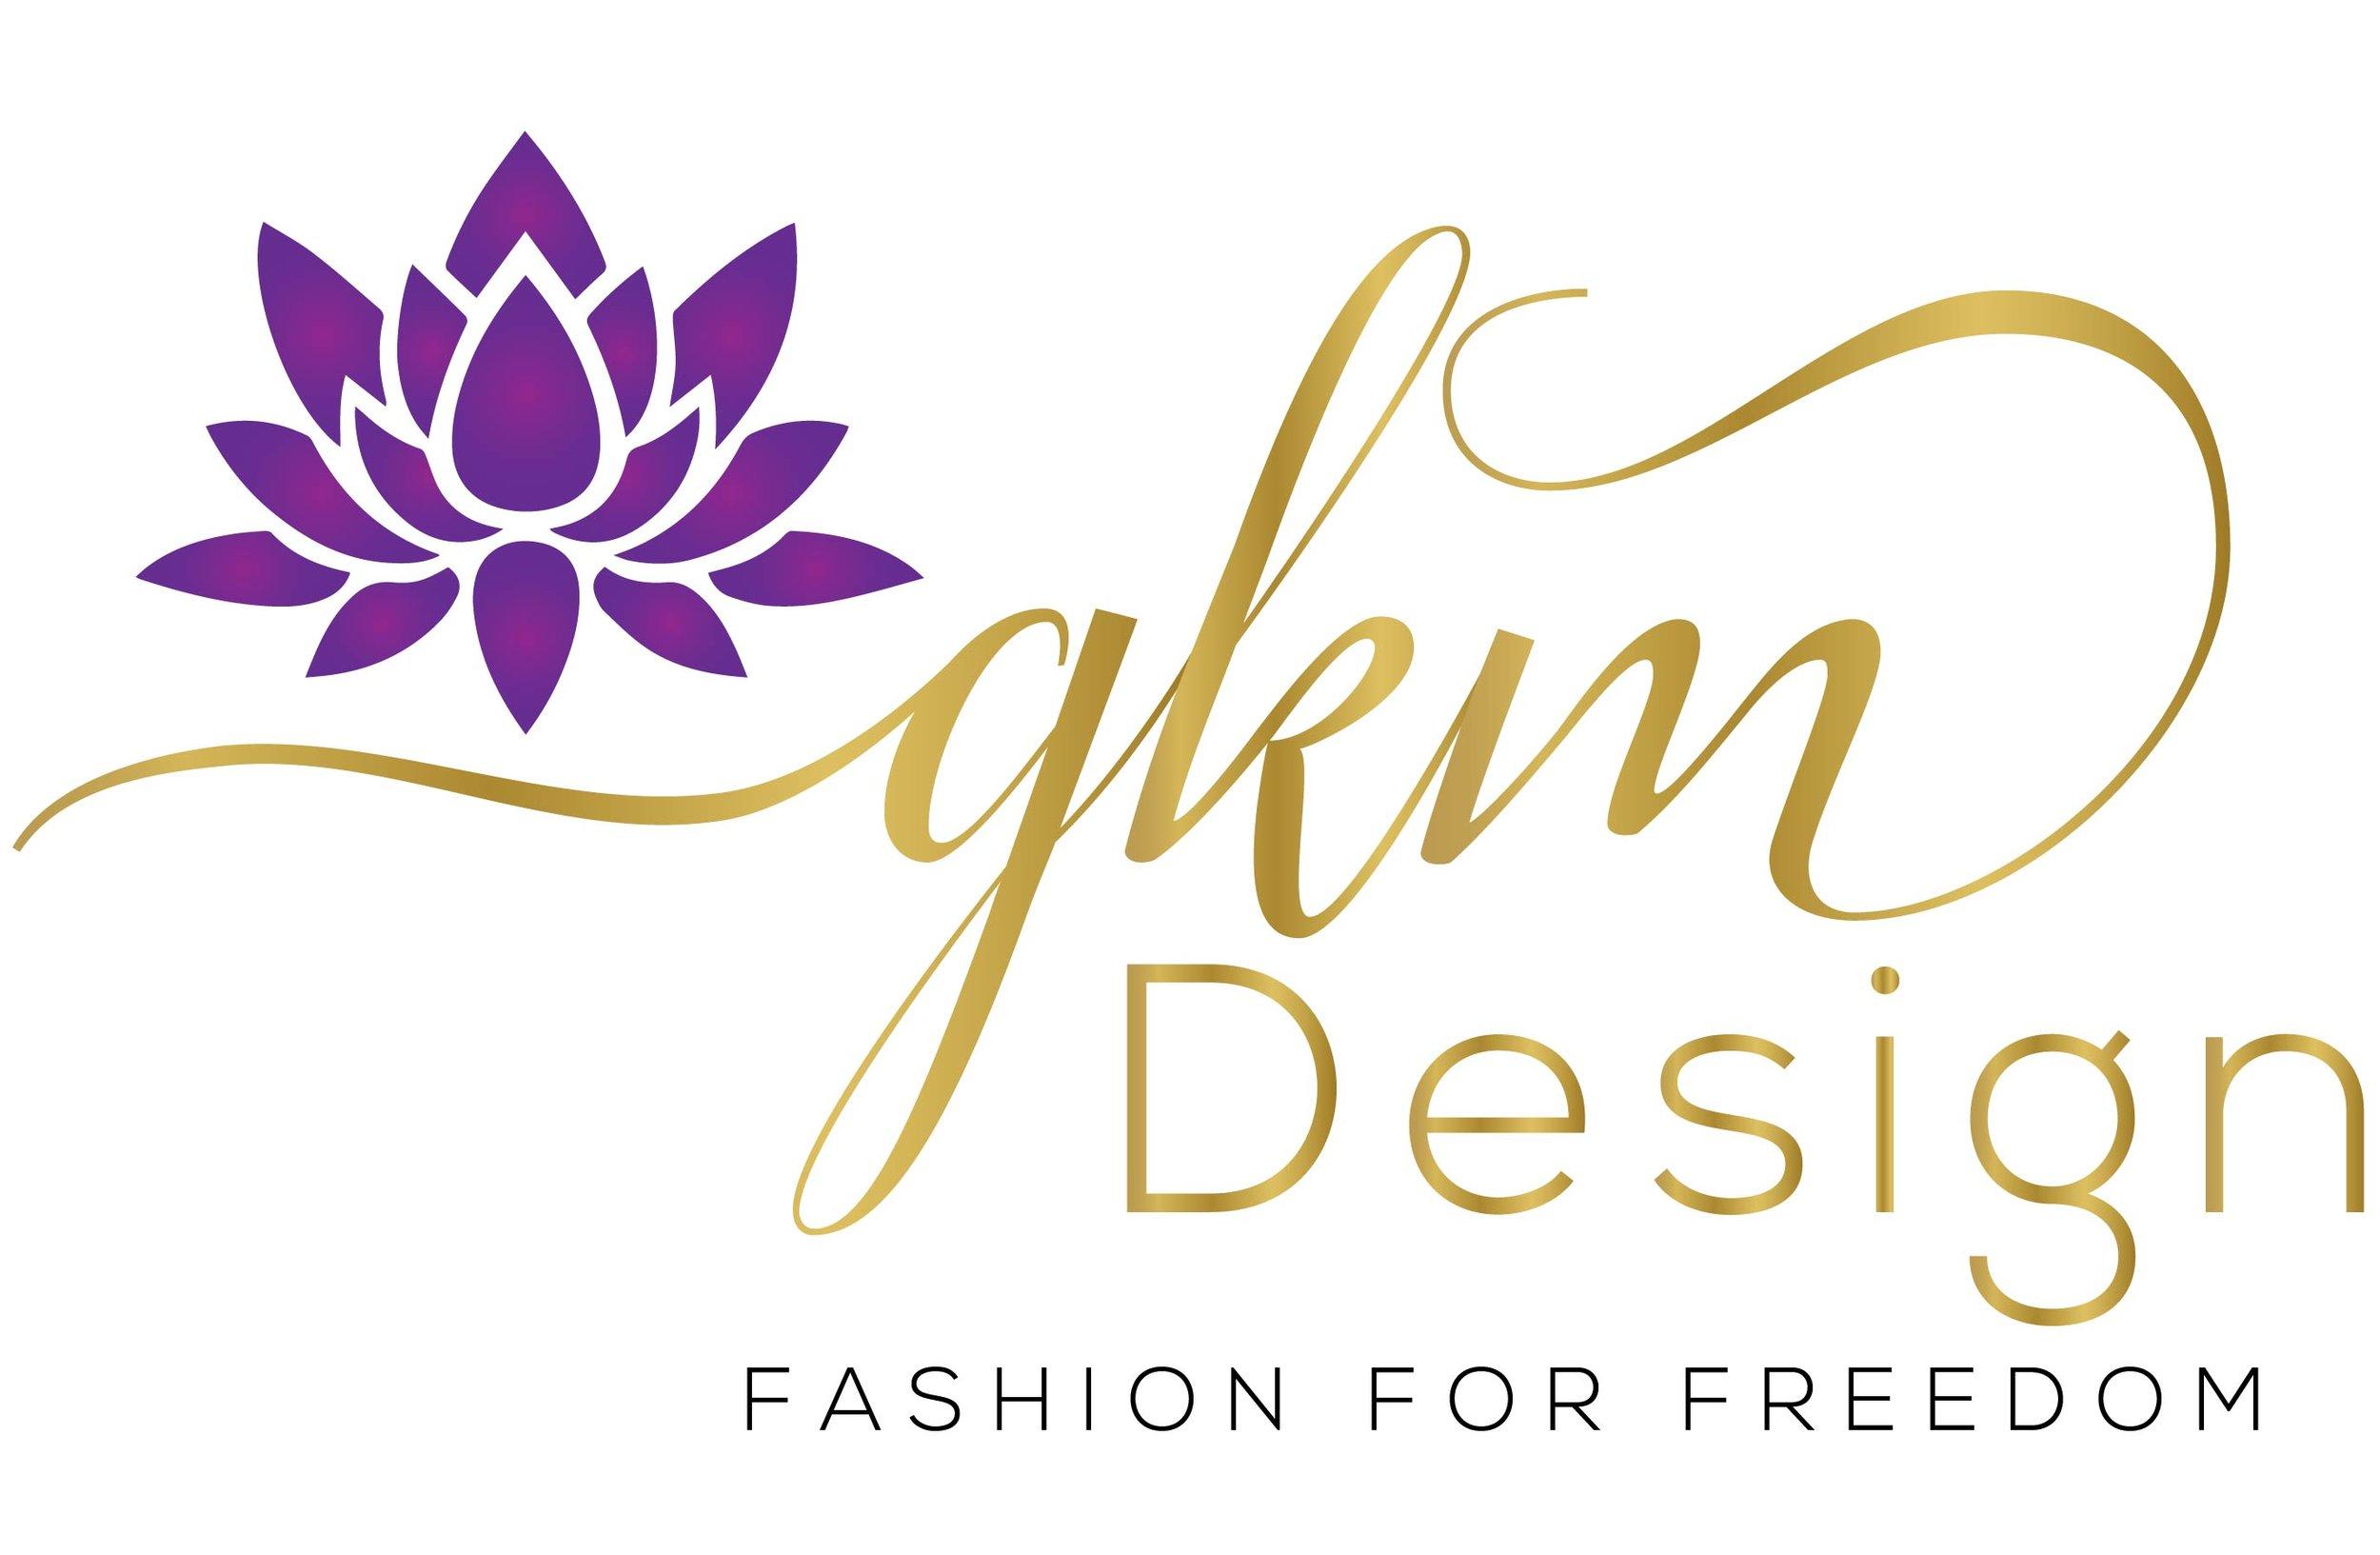 GKM_design4 (1).jpg